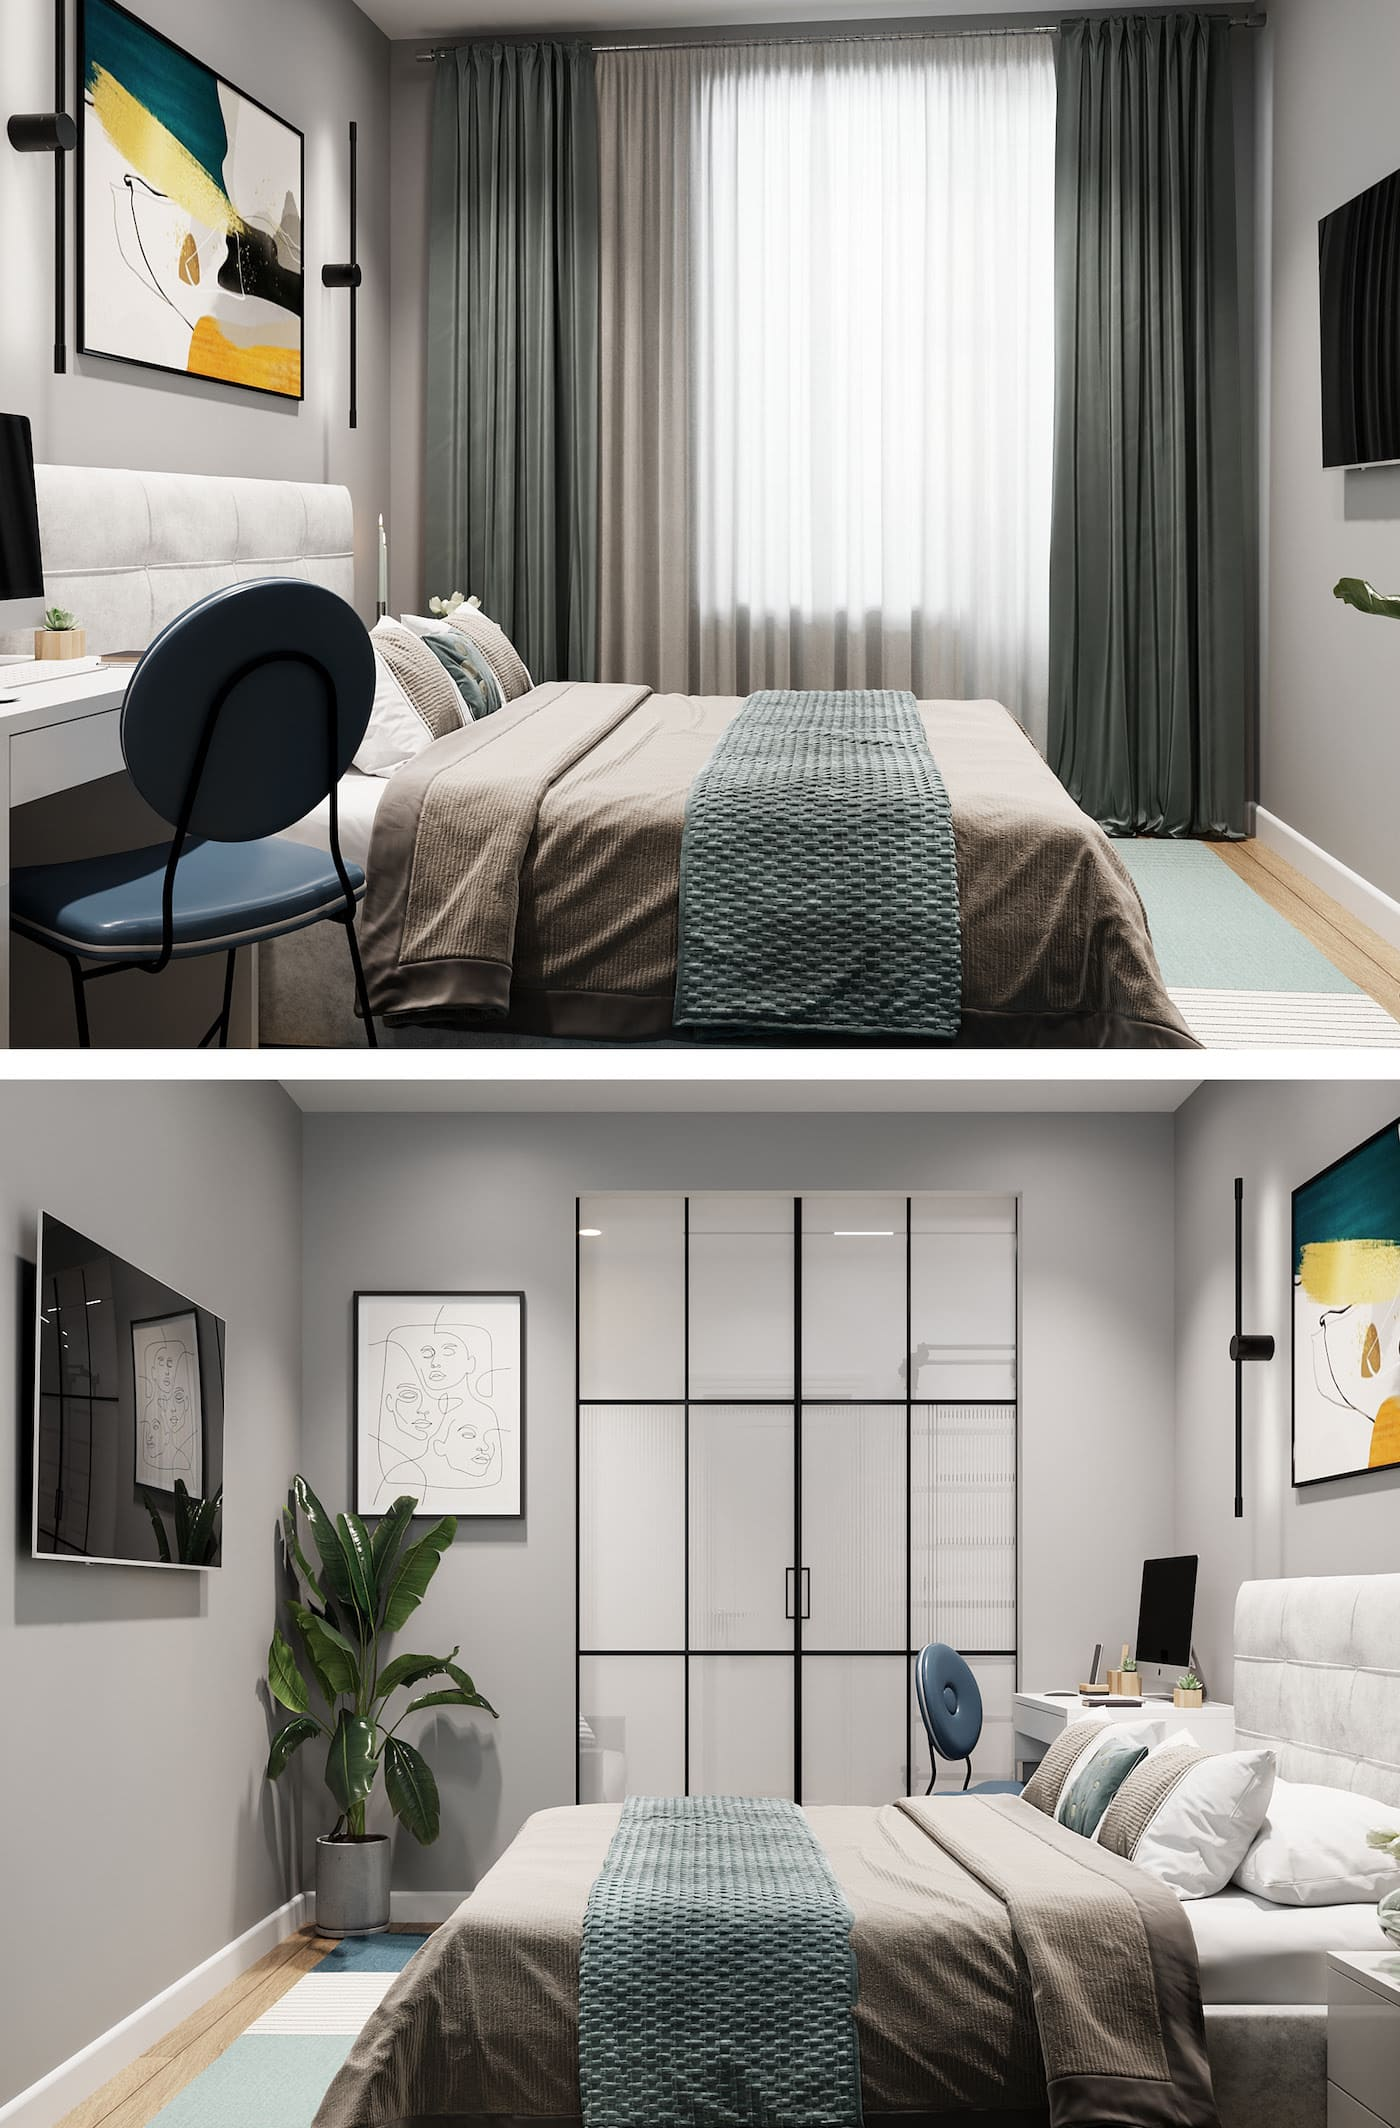 conception d'un appartement d'une pièce photo 23